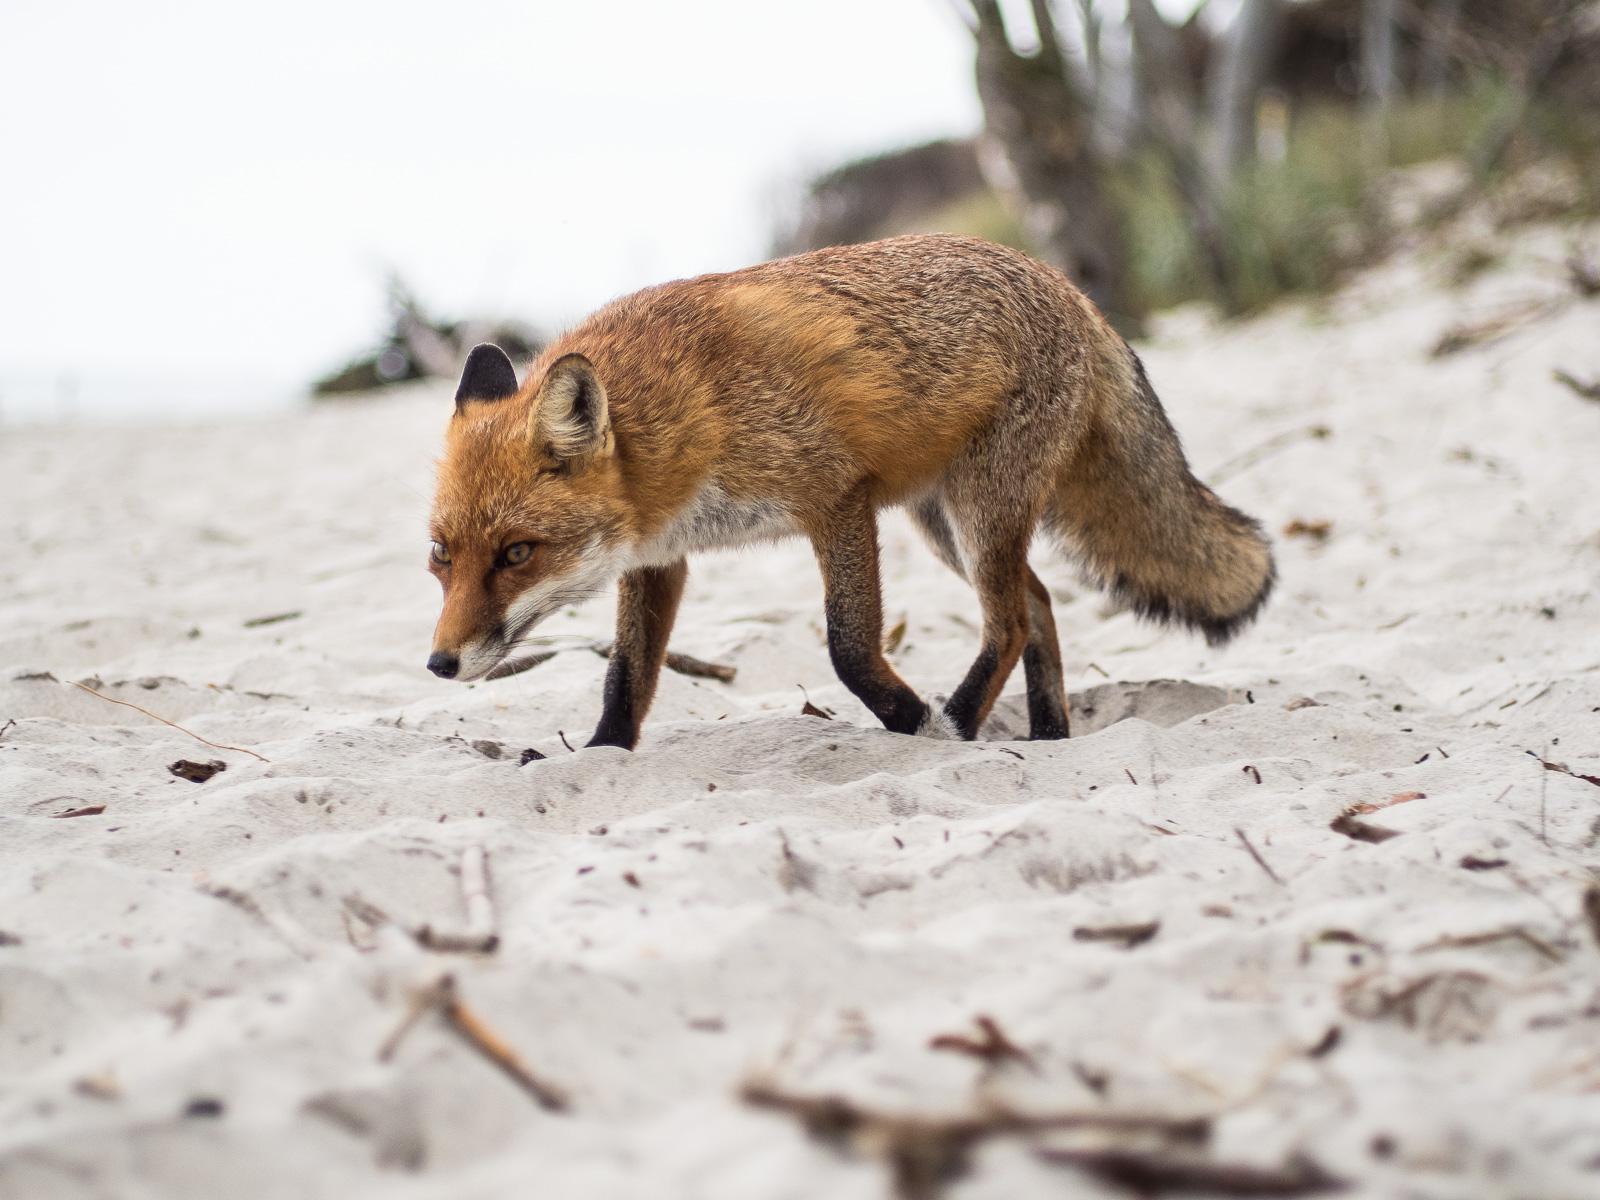 Fuchs am Darßer Weststrand, halbfrontal im Sand laufend